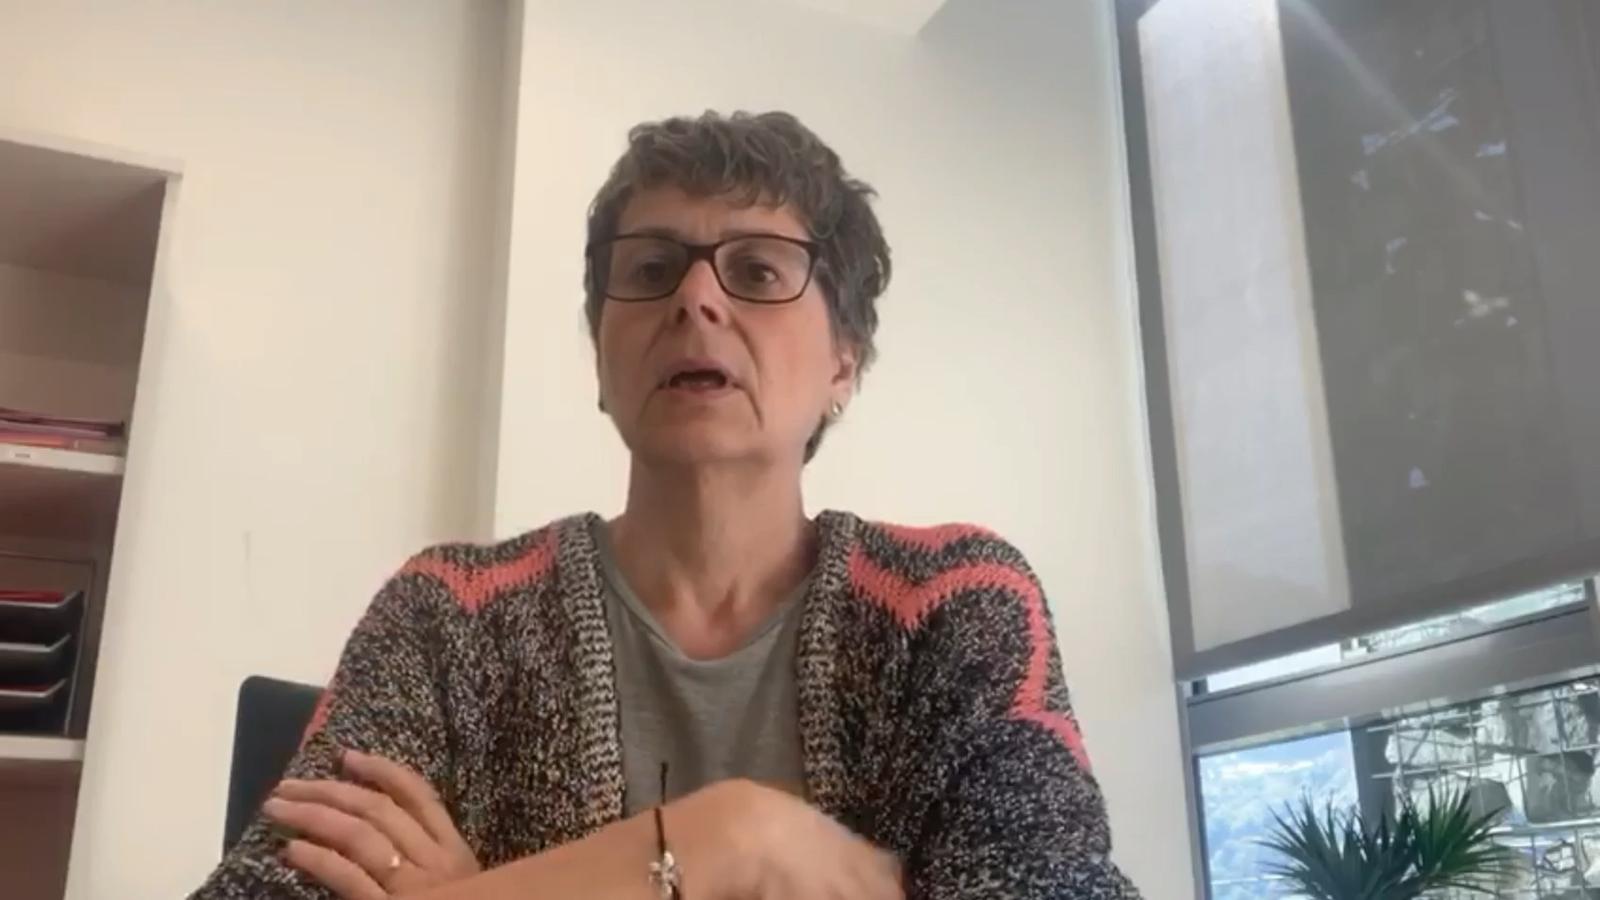 La president del PS i consellera del grup parlamentari socialdemòcrata Susanna Vela defensa el sector cultural